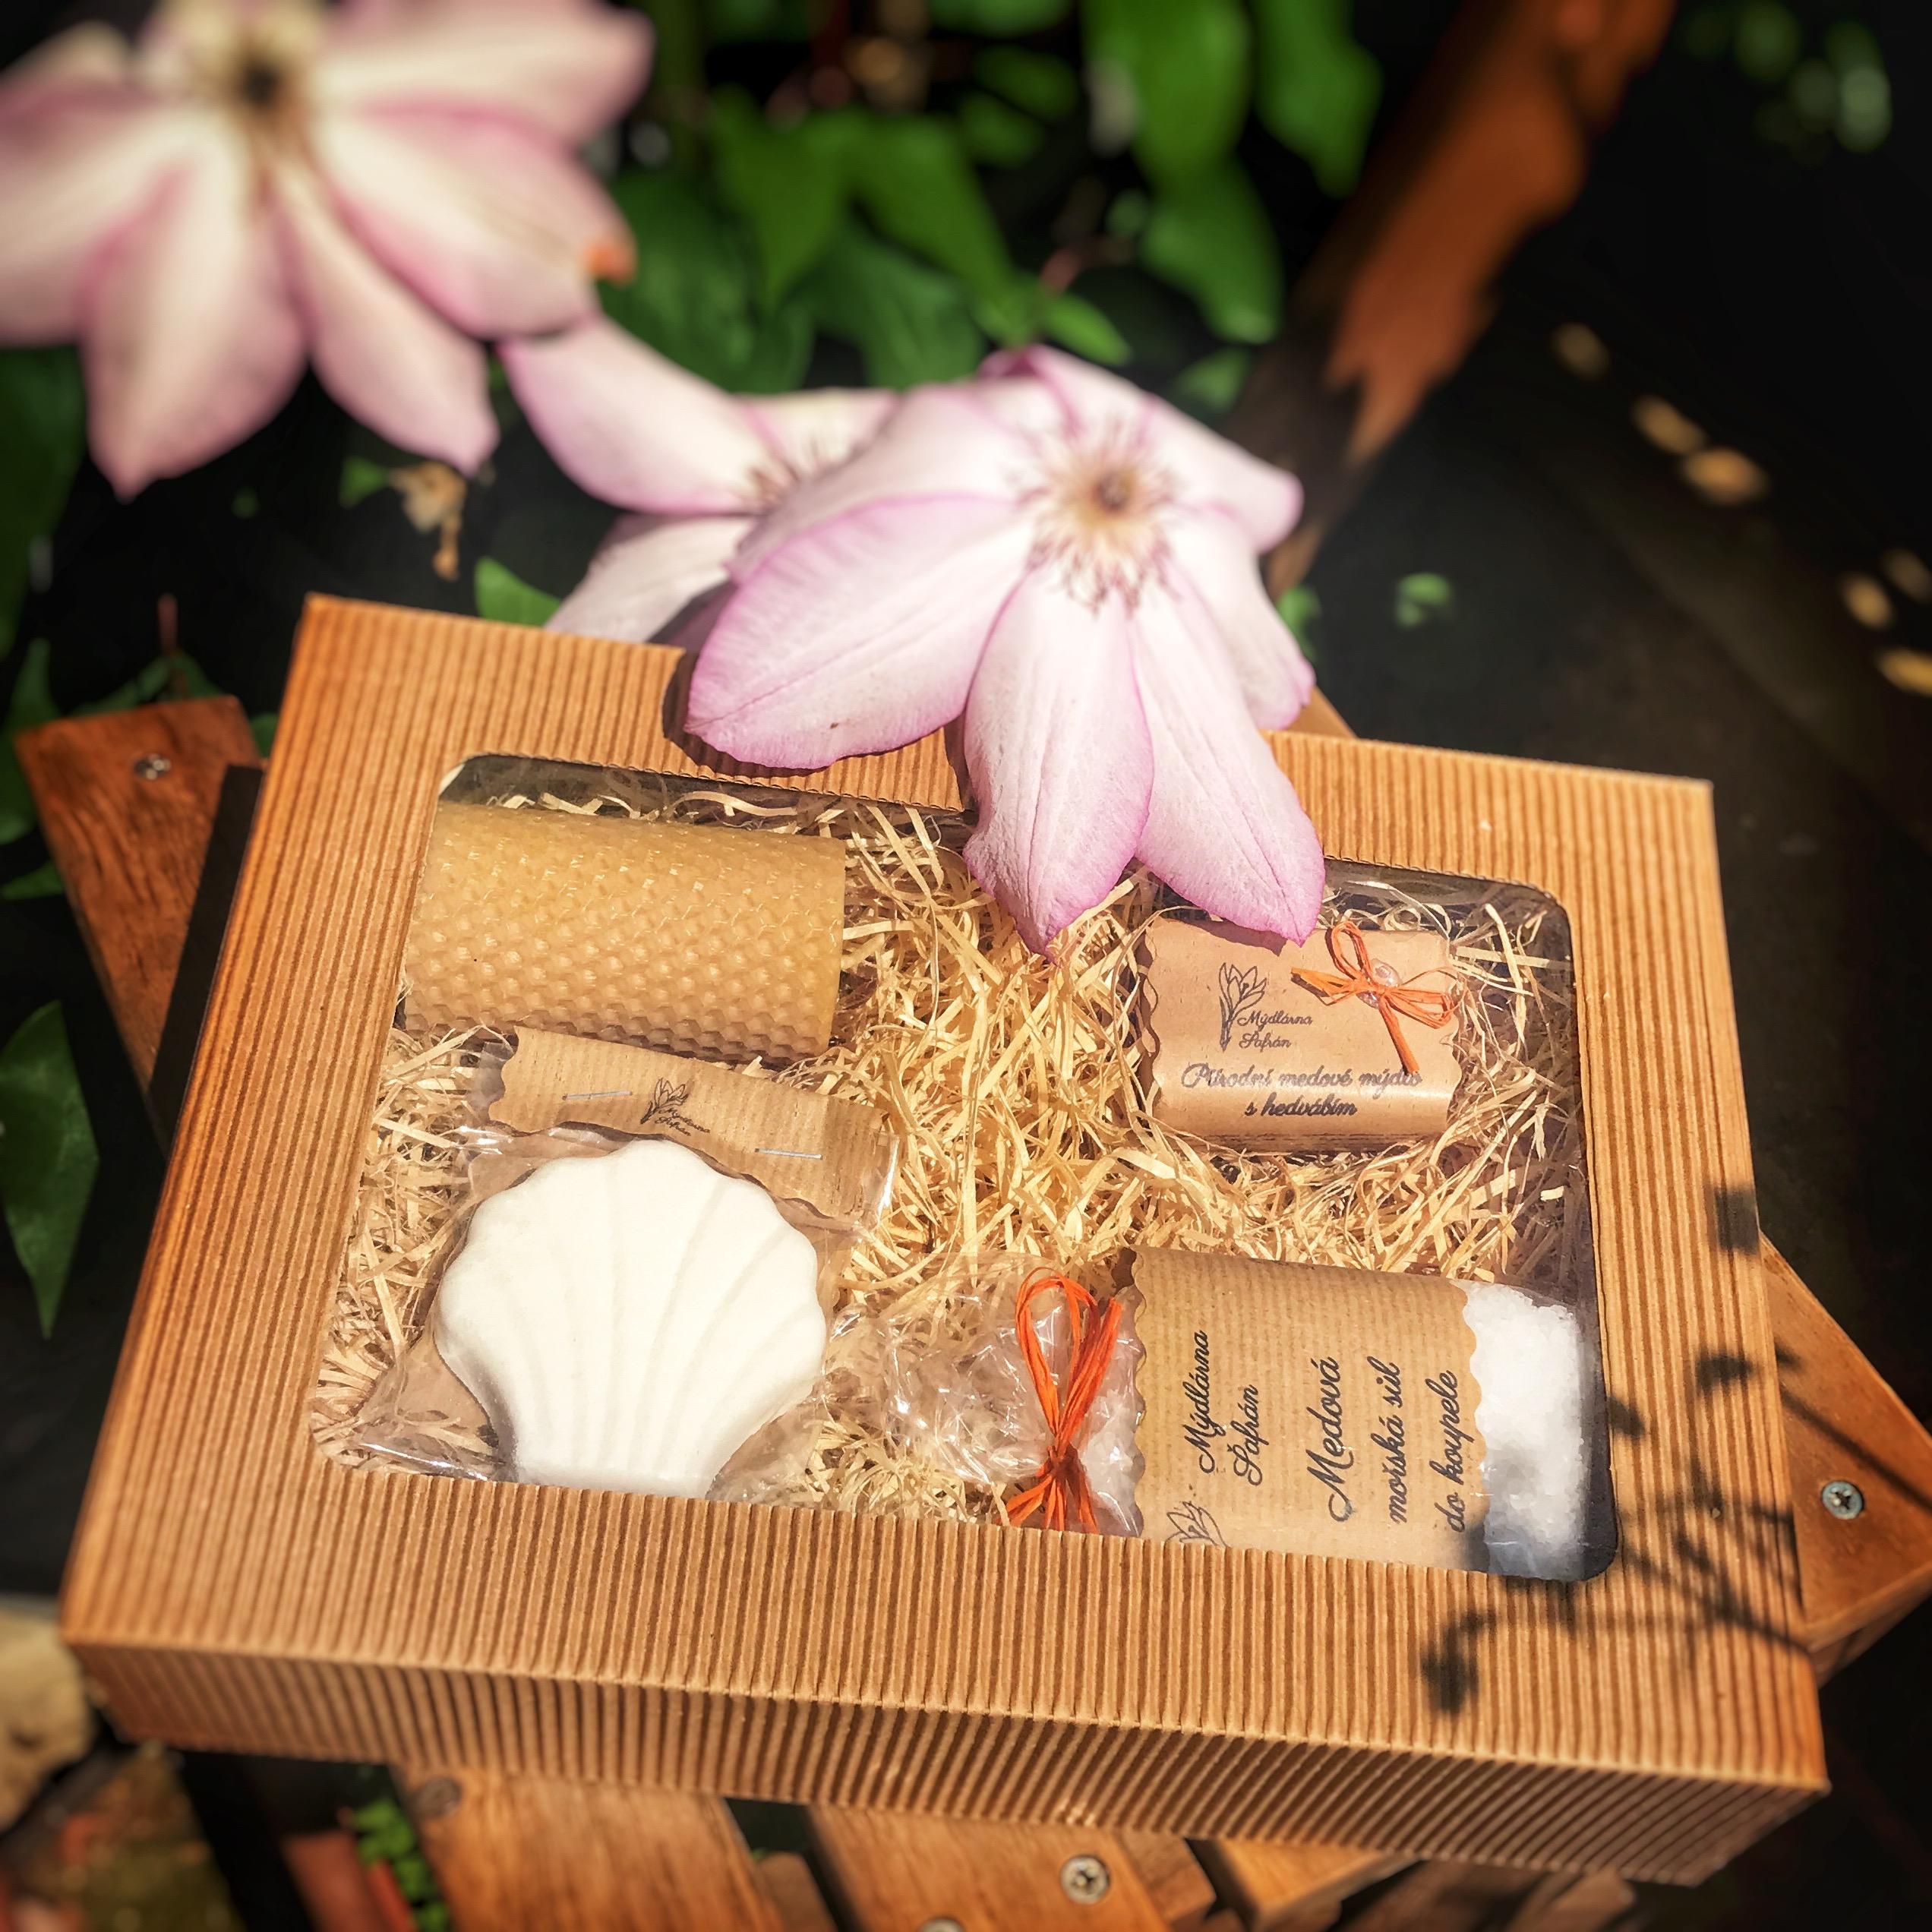 Dárková krabička pro krásné a rychle balení dárků